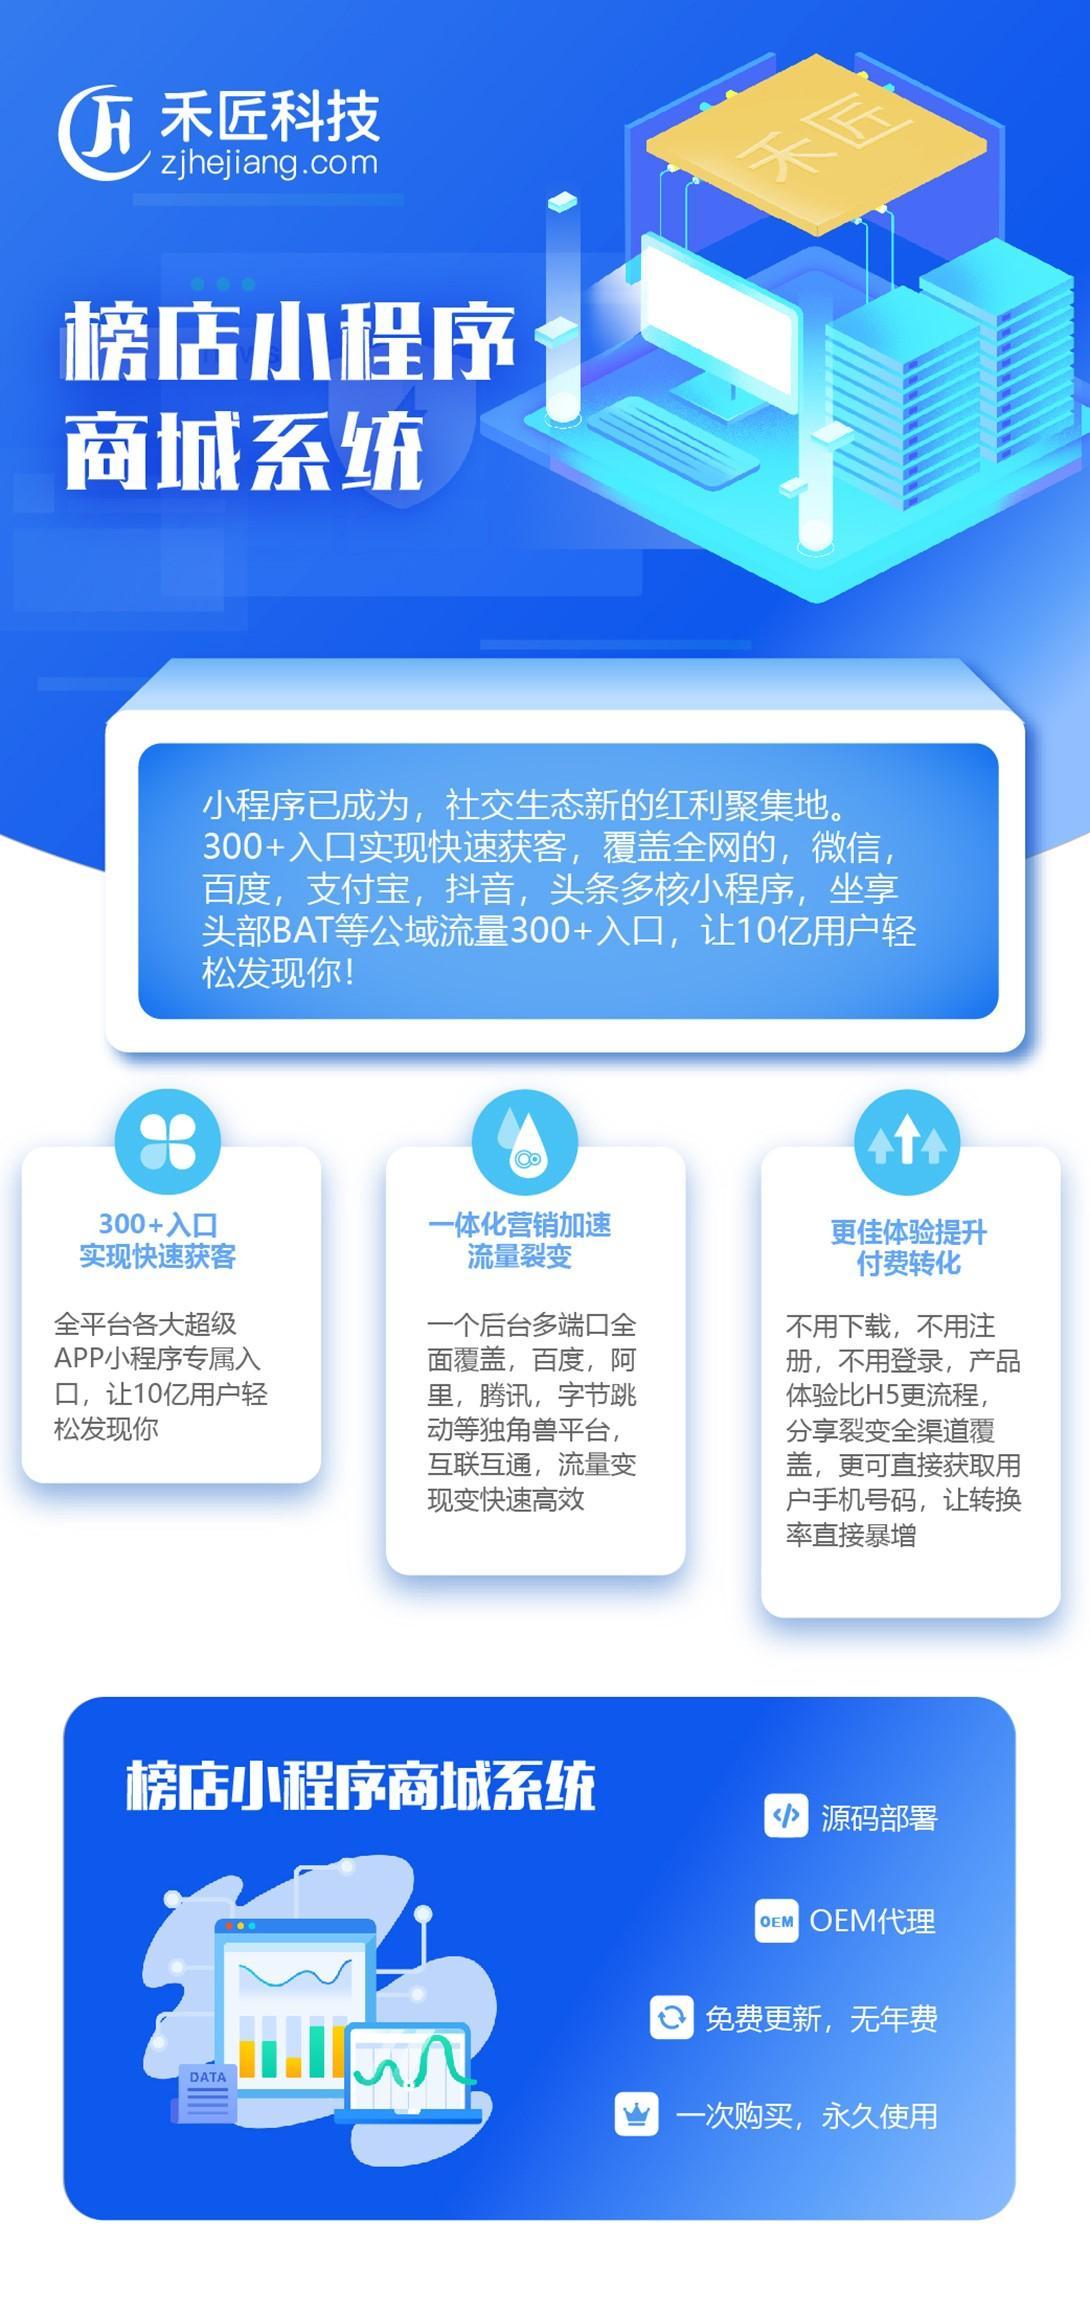 【小程序源码】禾匠榜店商城V4.4.24版本(全插件带在线更新)-闲人源码